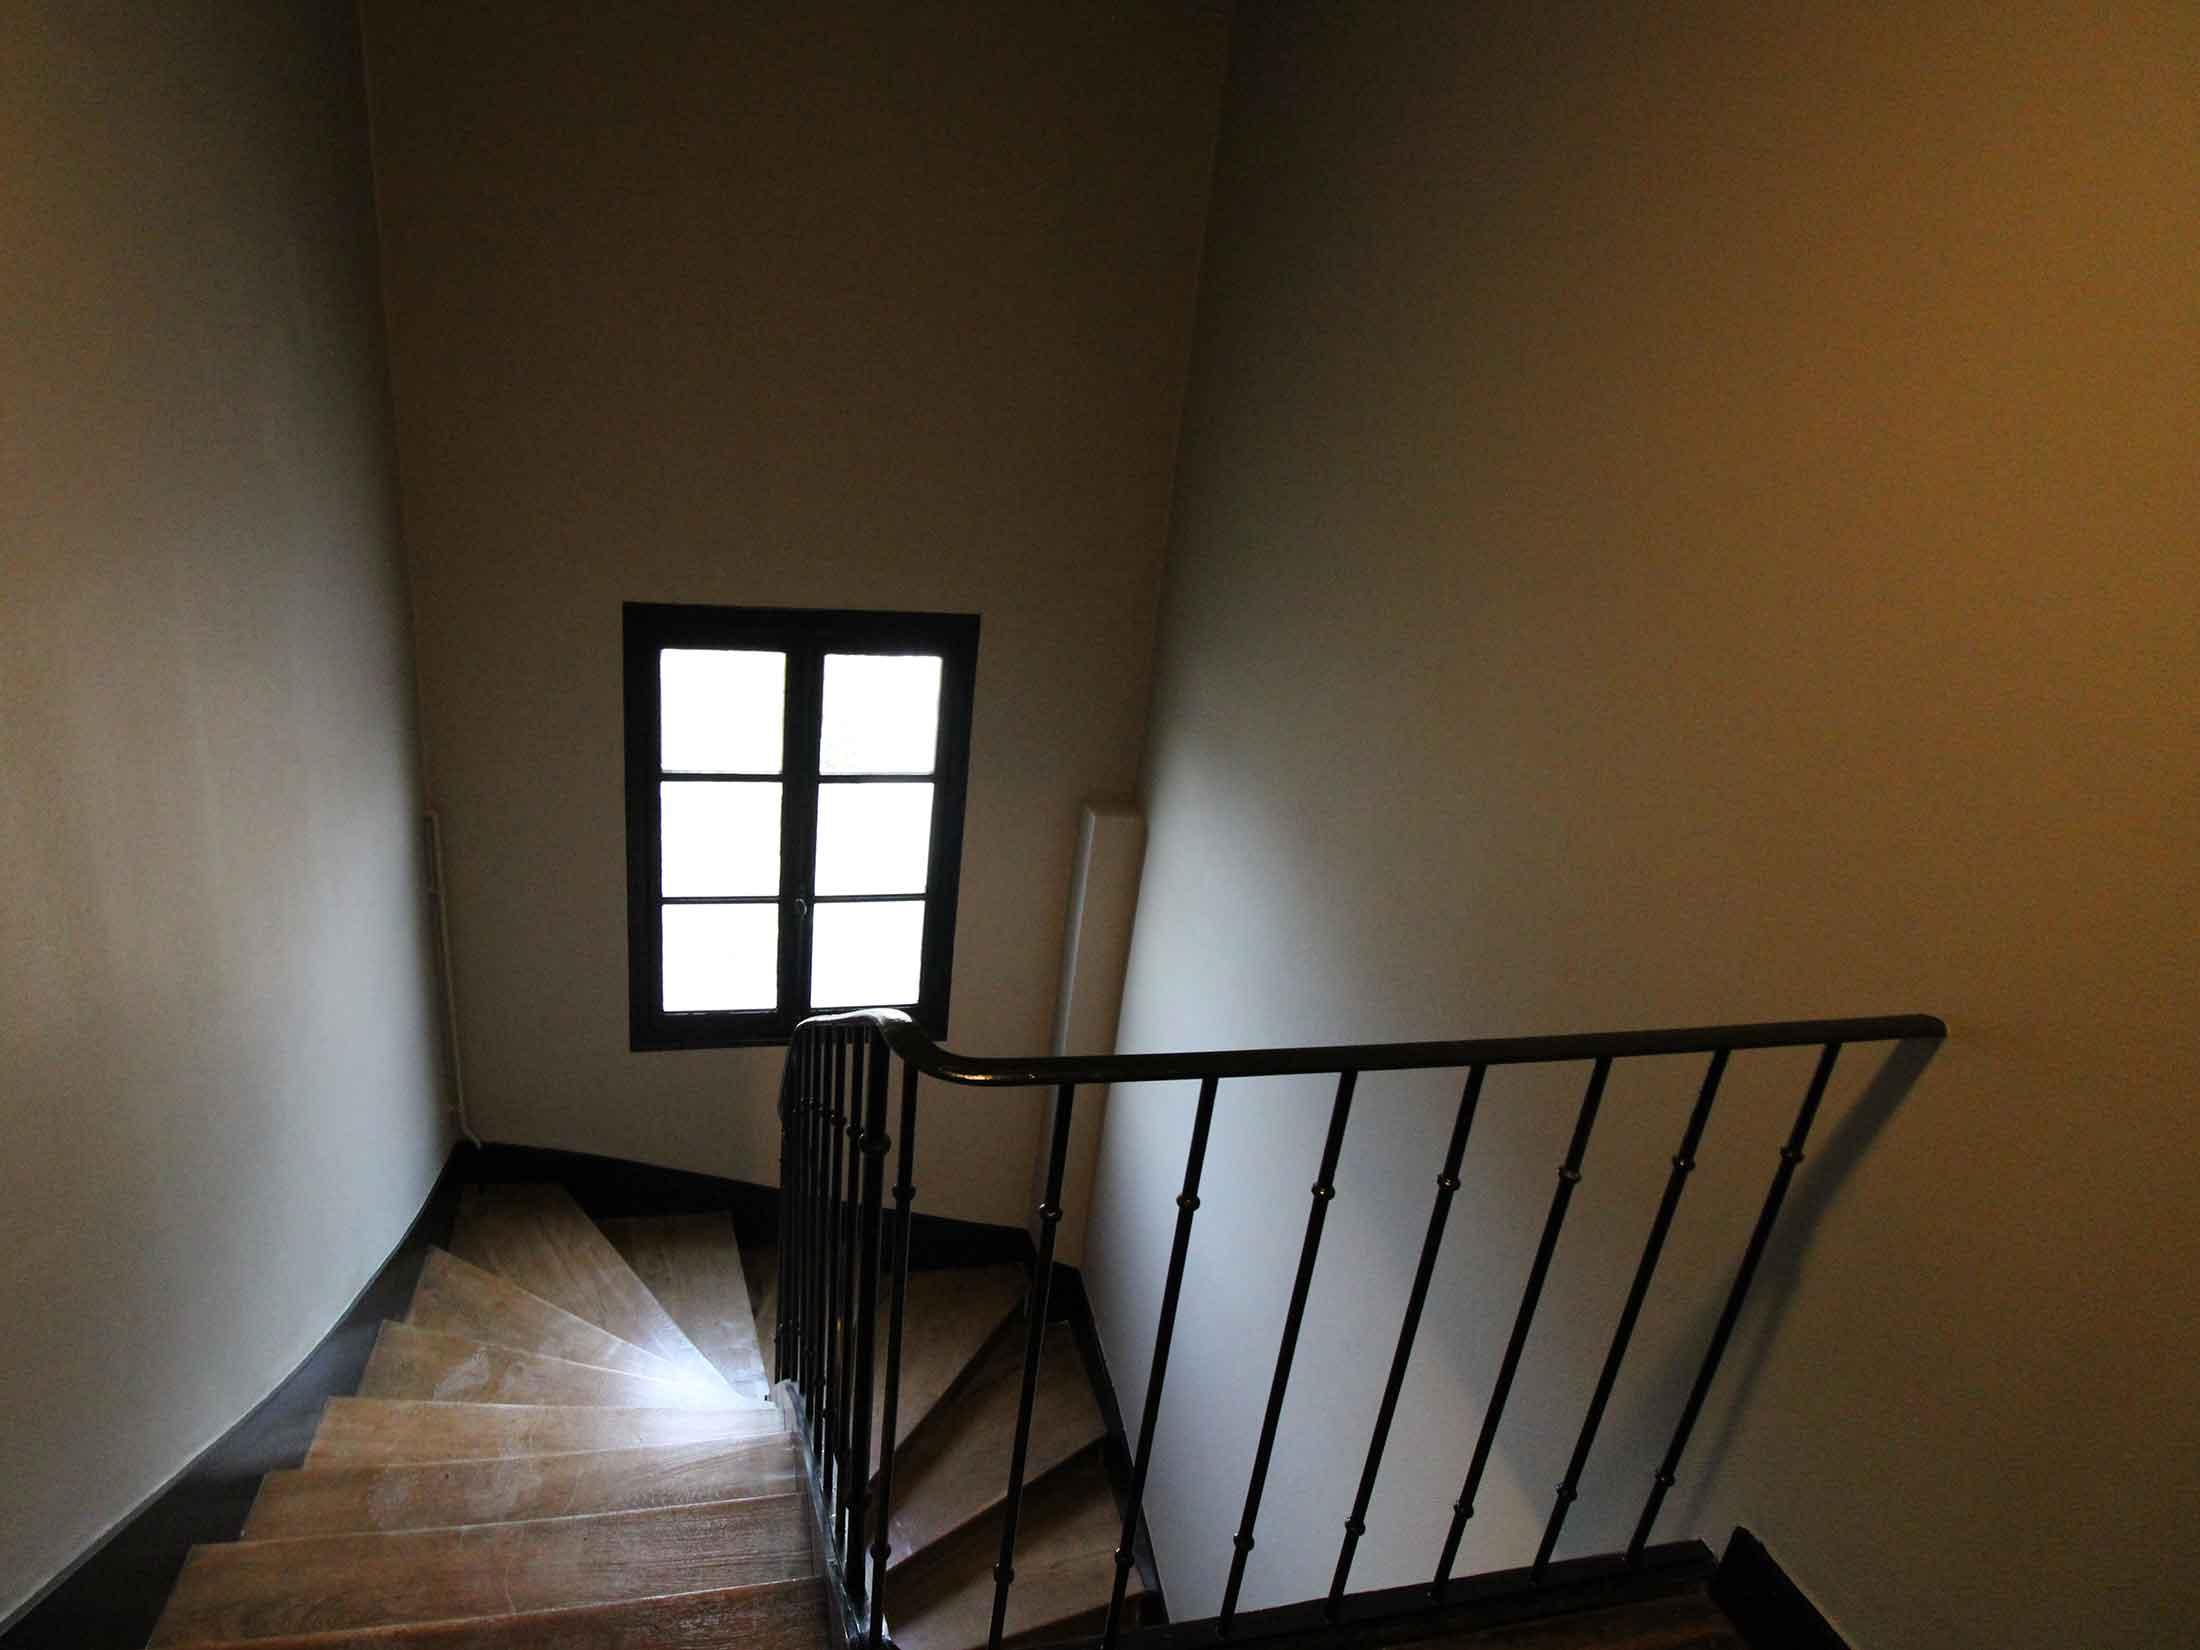 Rénovation d'une cage d'escalier à Belleville